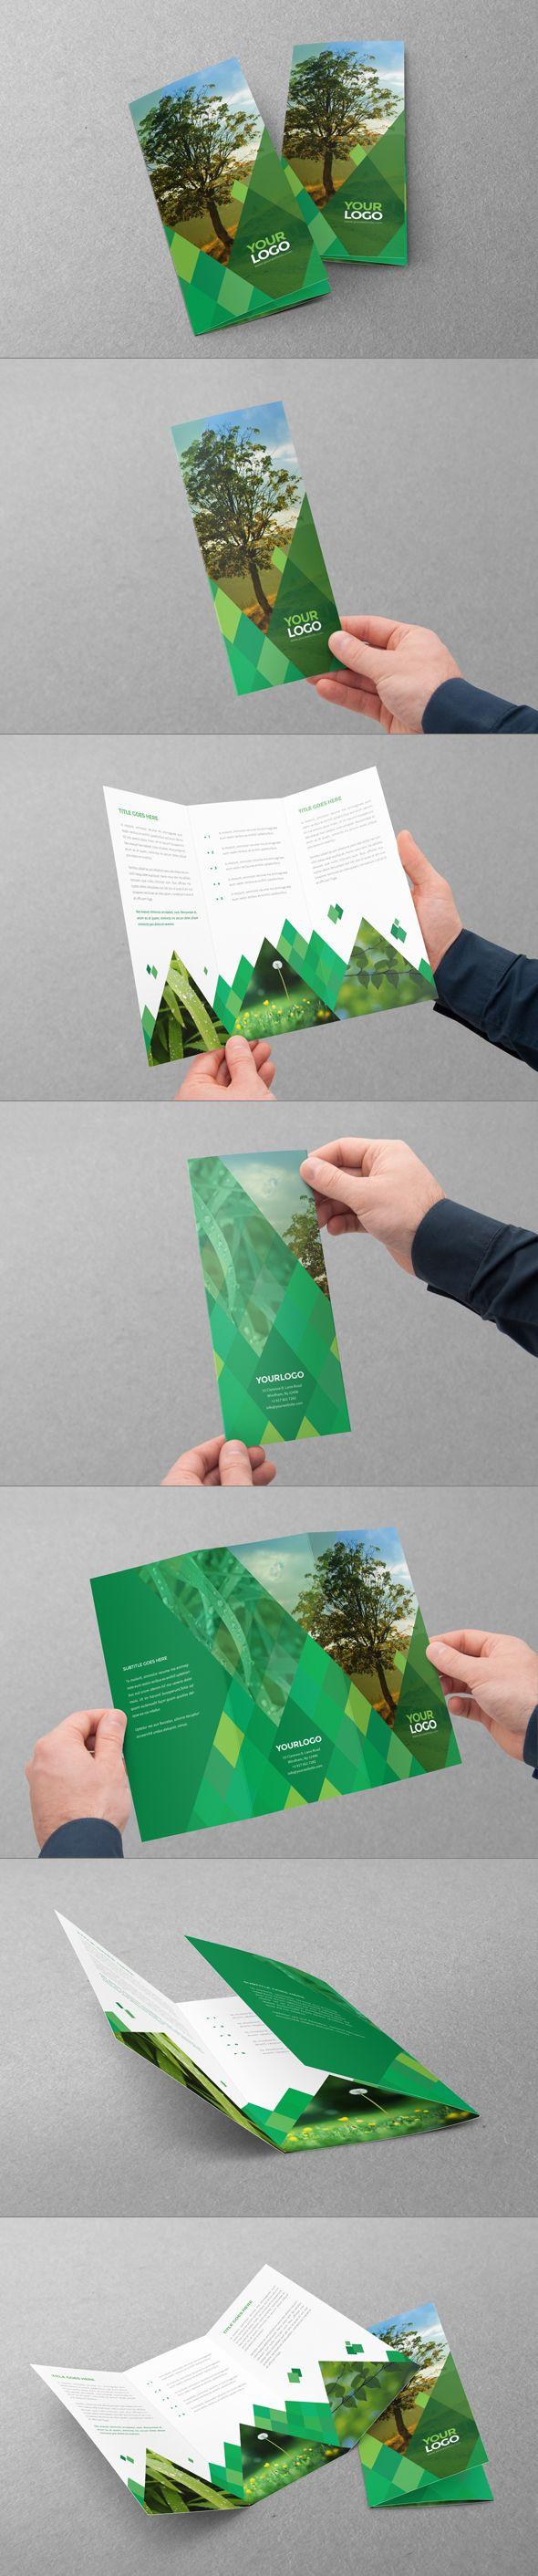 Tríptico de diamantes verdes por Abra Design, via Behance